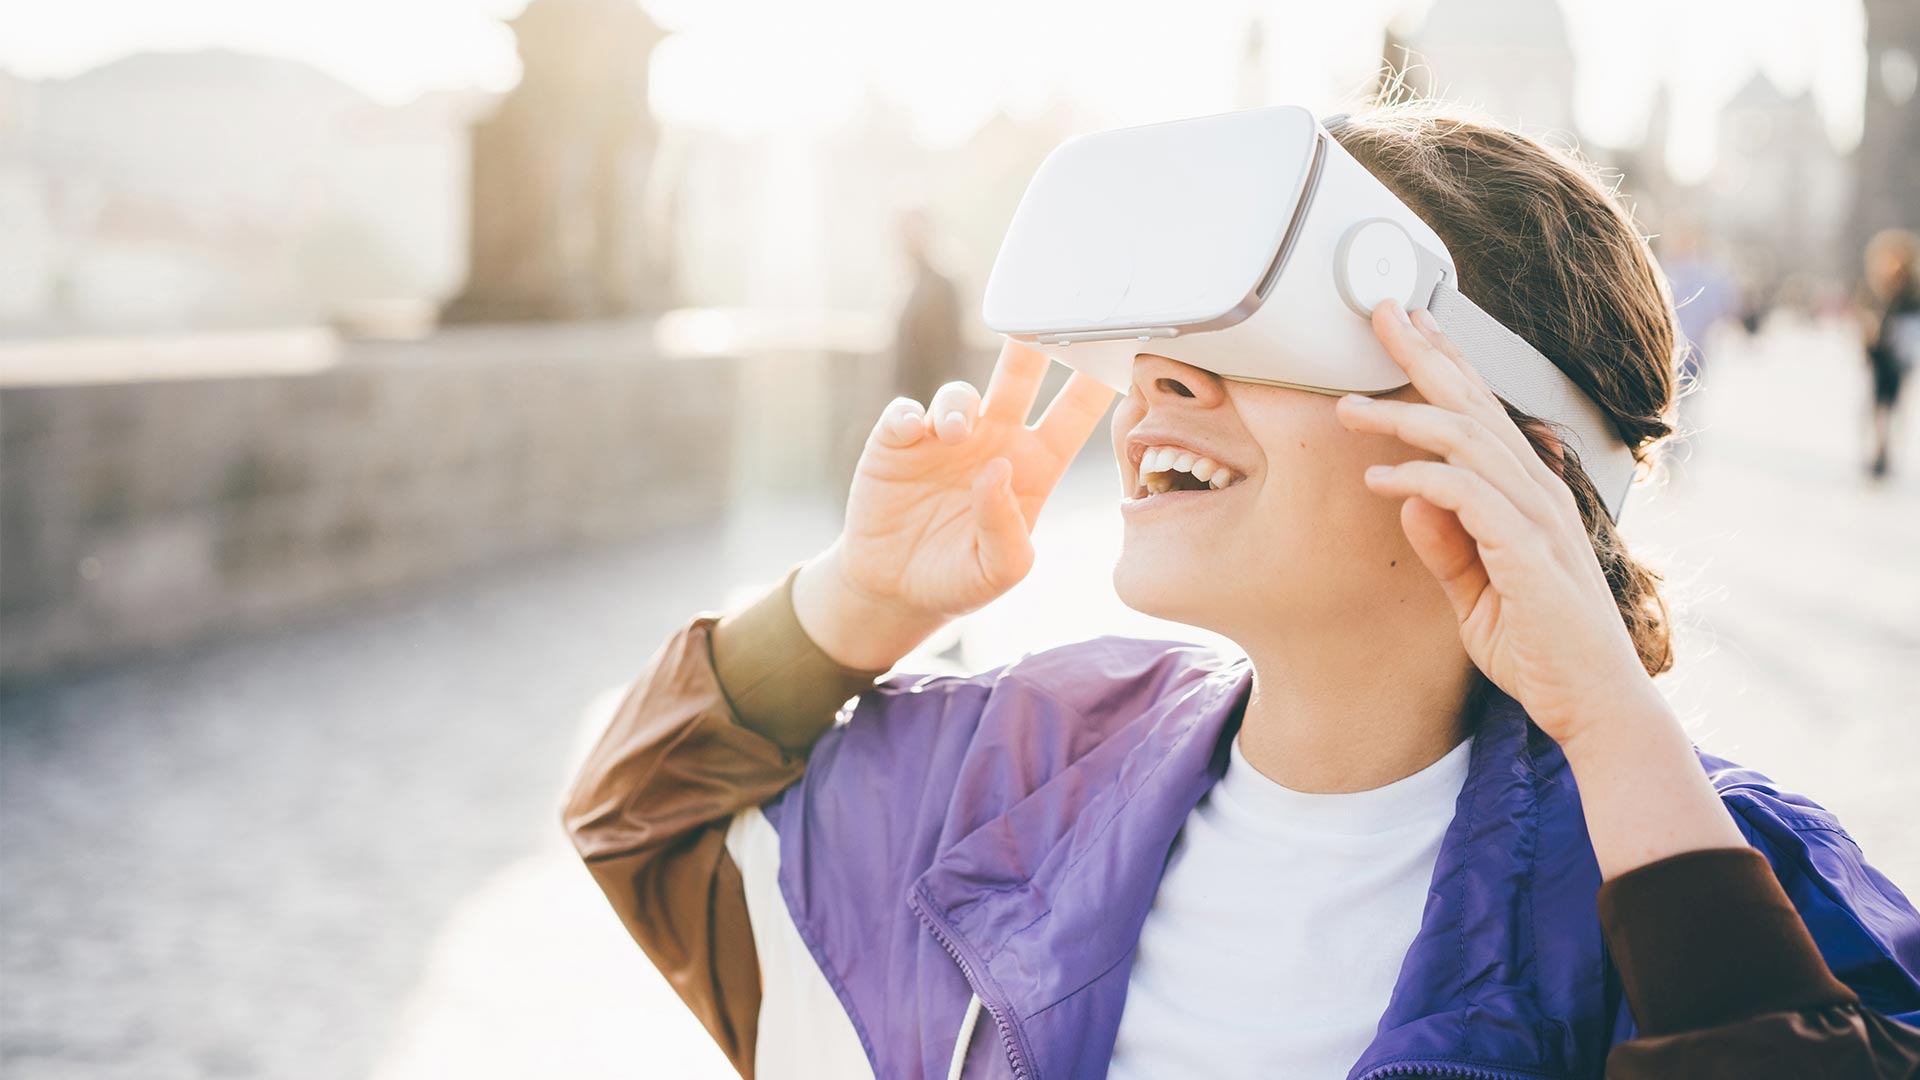 Turismo REALIDAD VIRTUAL - La experiencia definitiva en VR, 3D y 360